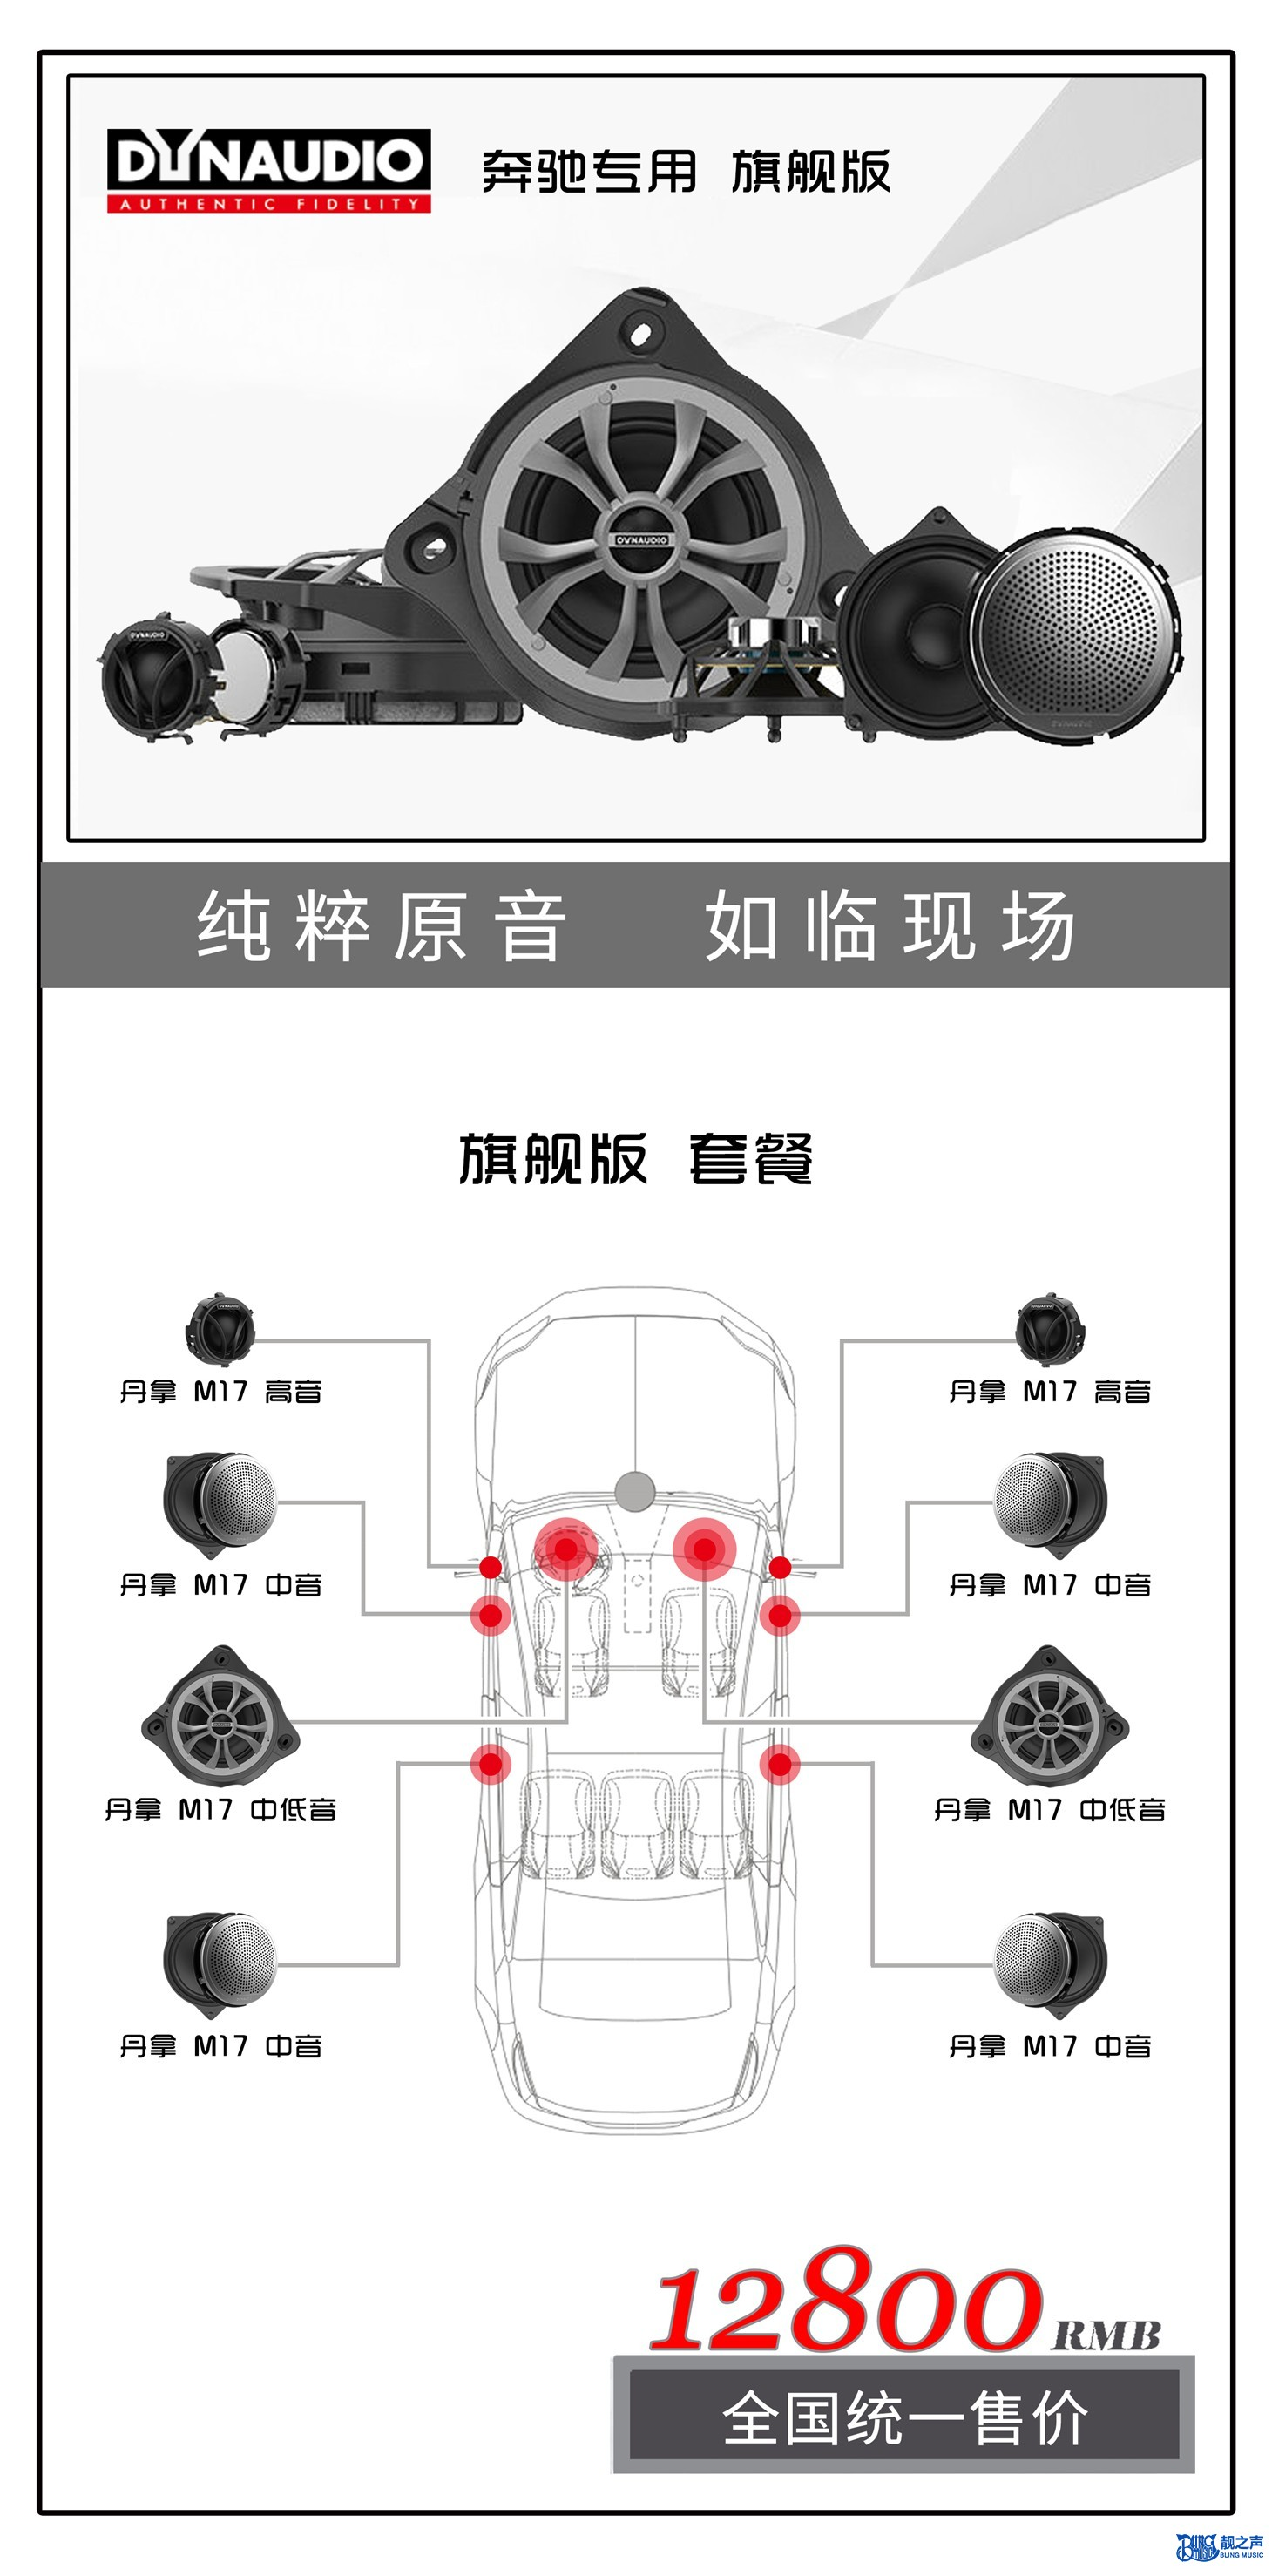 丹拿 M17 奔驰套餐图C.jpg